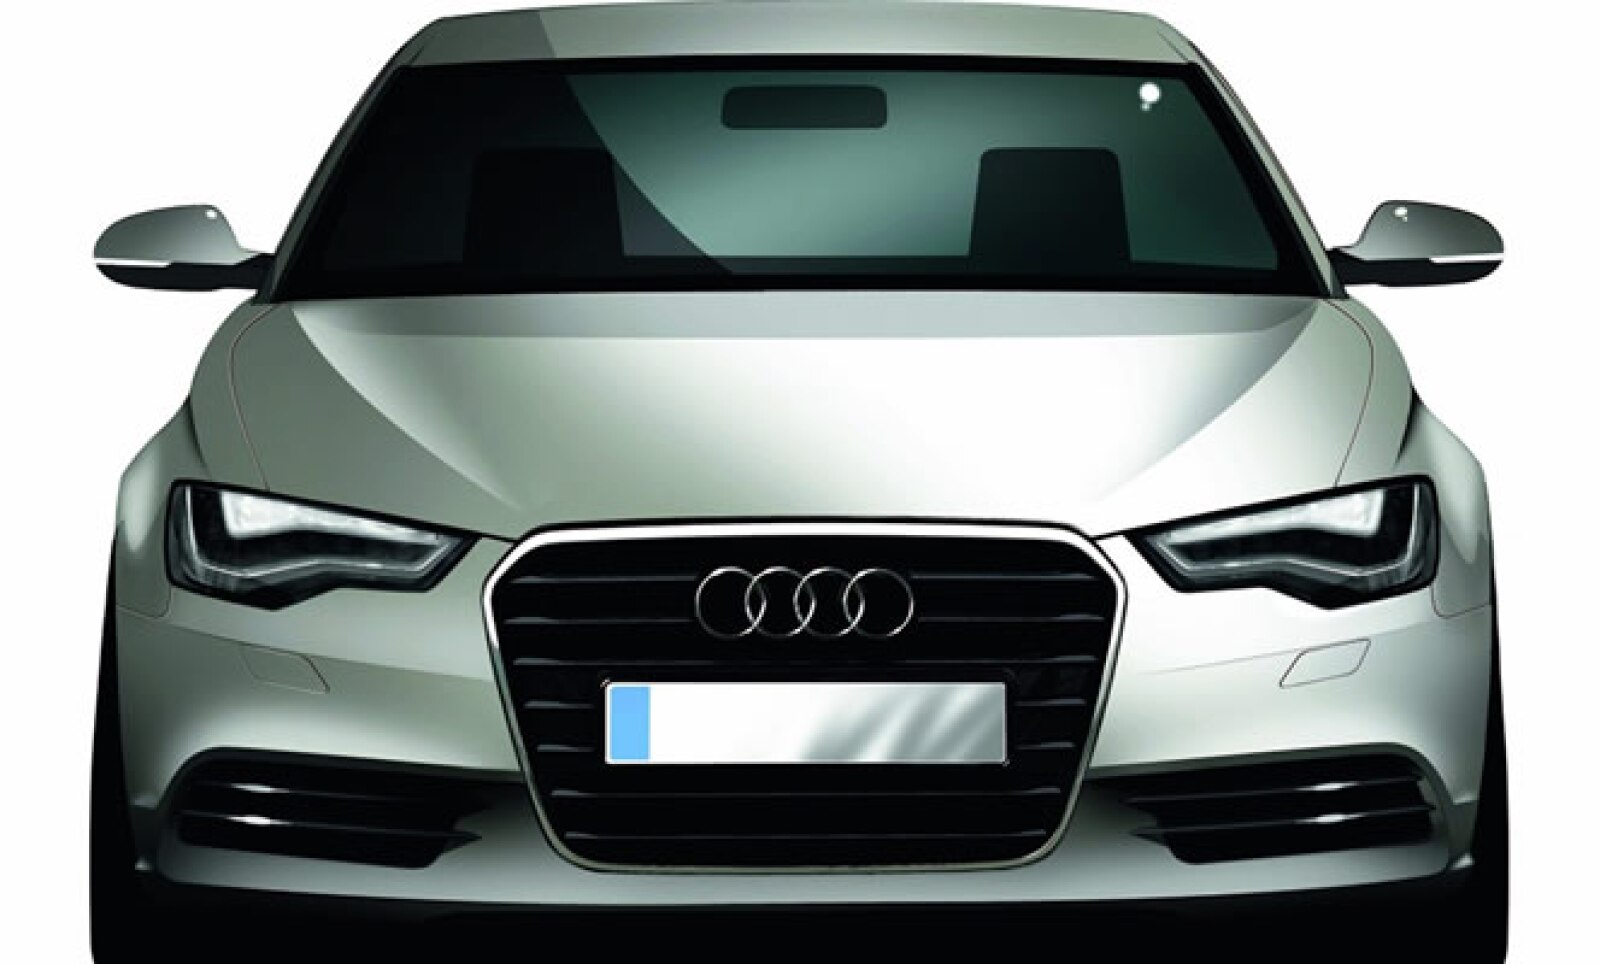 Este es el prototipo que presentaron los diseñadores de la firma alemana, en el AutoShow de Ginebra de 2008.